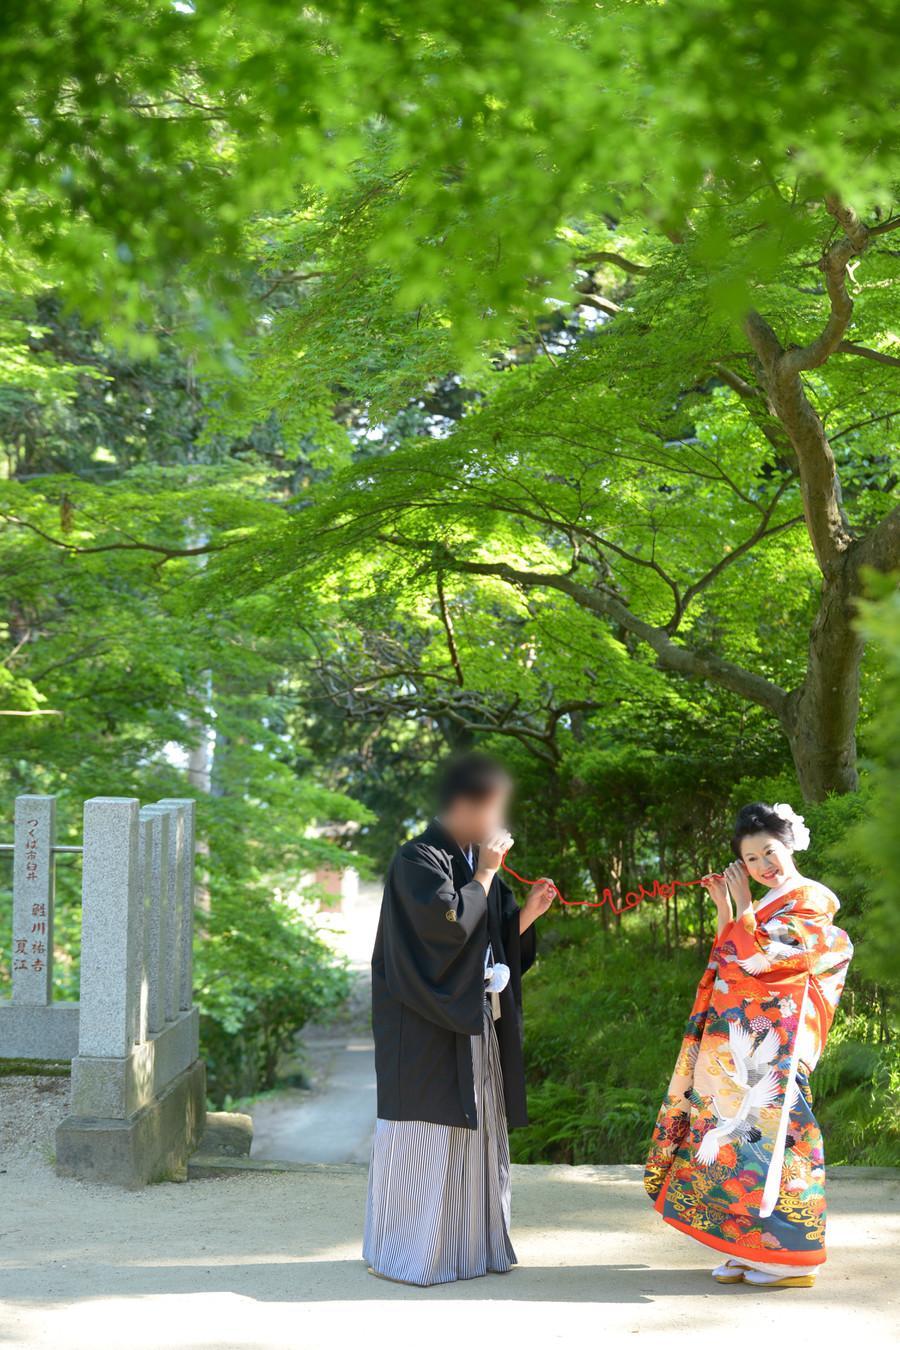 和装 色打掛け 紋付袴 ロケーション 神社 赤い糸 緑